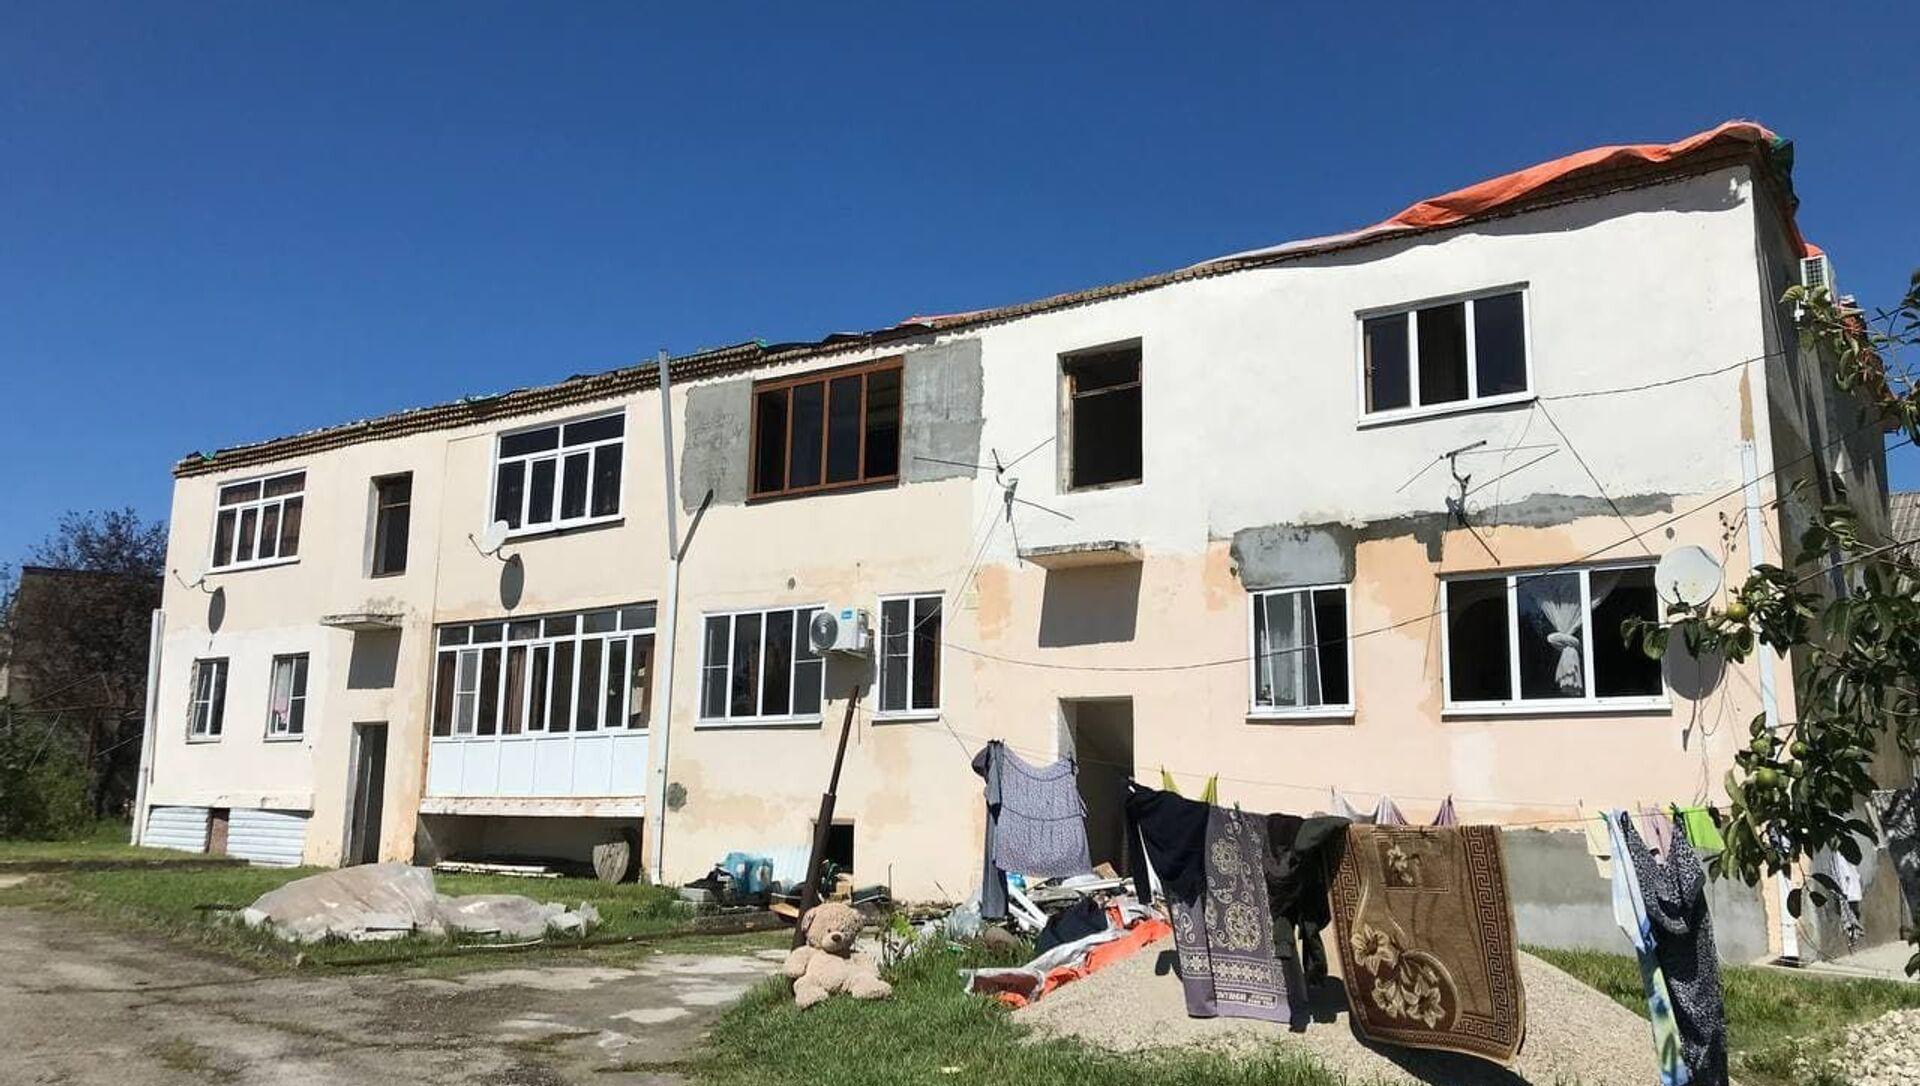 Ветер сорвал крыши с частных домов в Гудауте   - Sputnik Абхазия, 1920, 03.09.2021